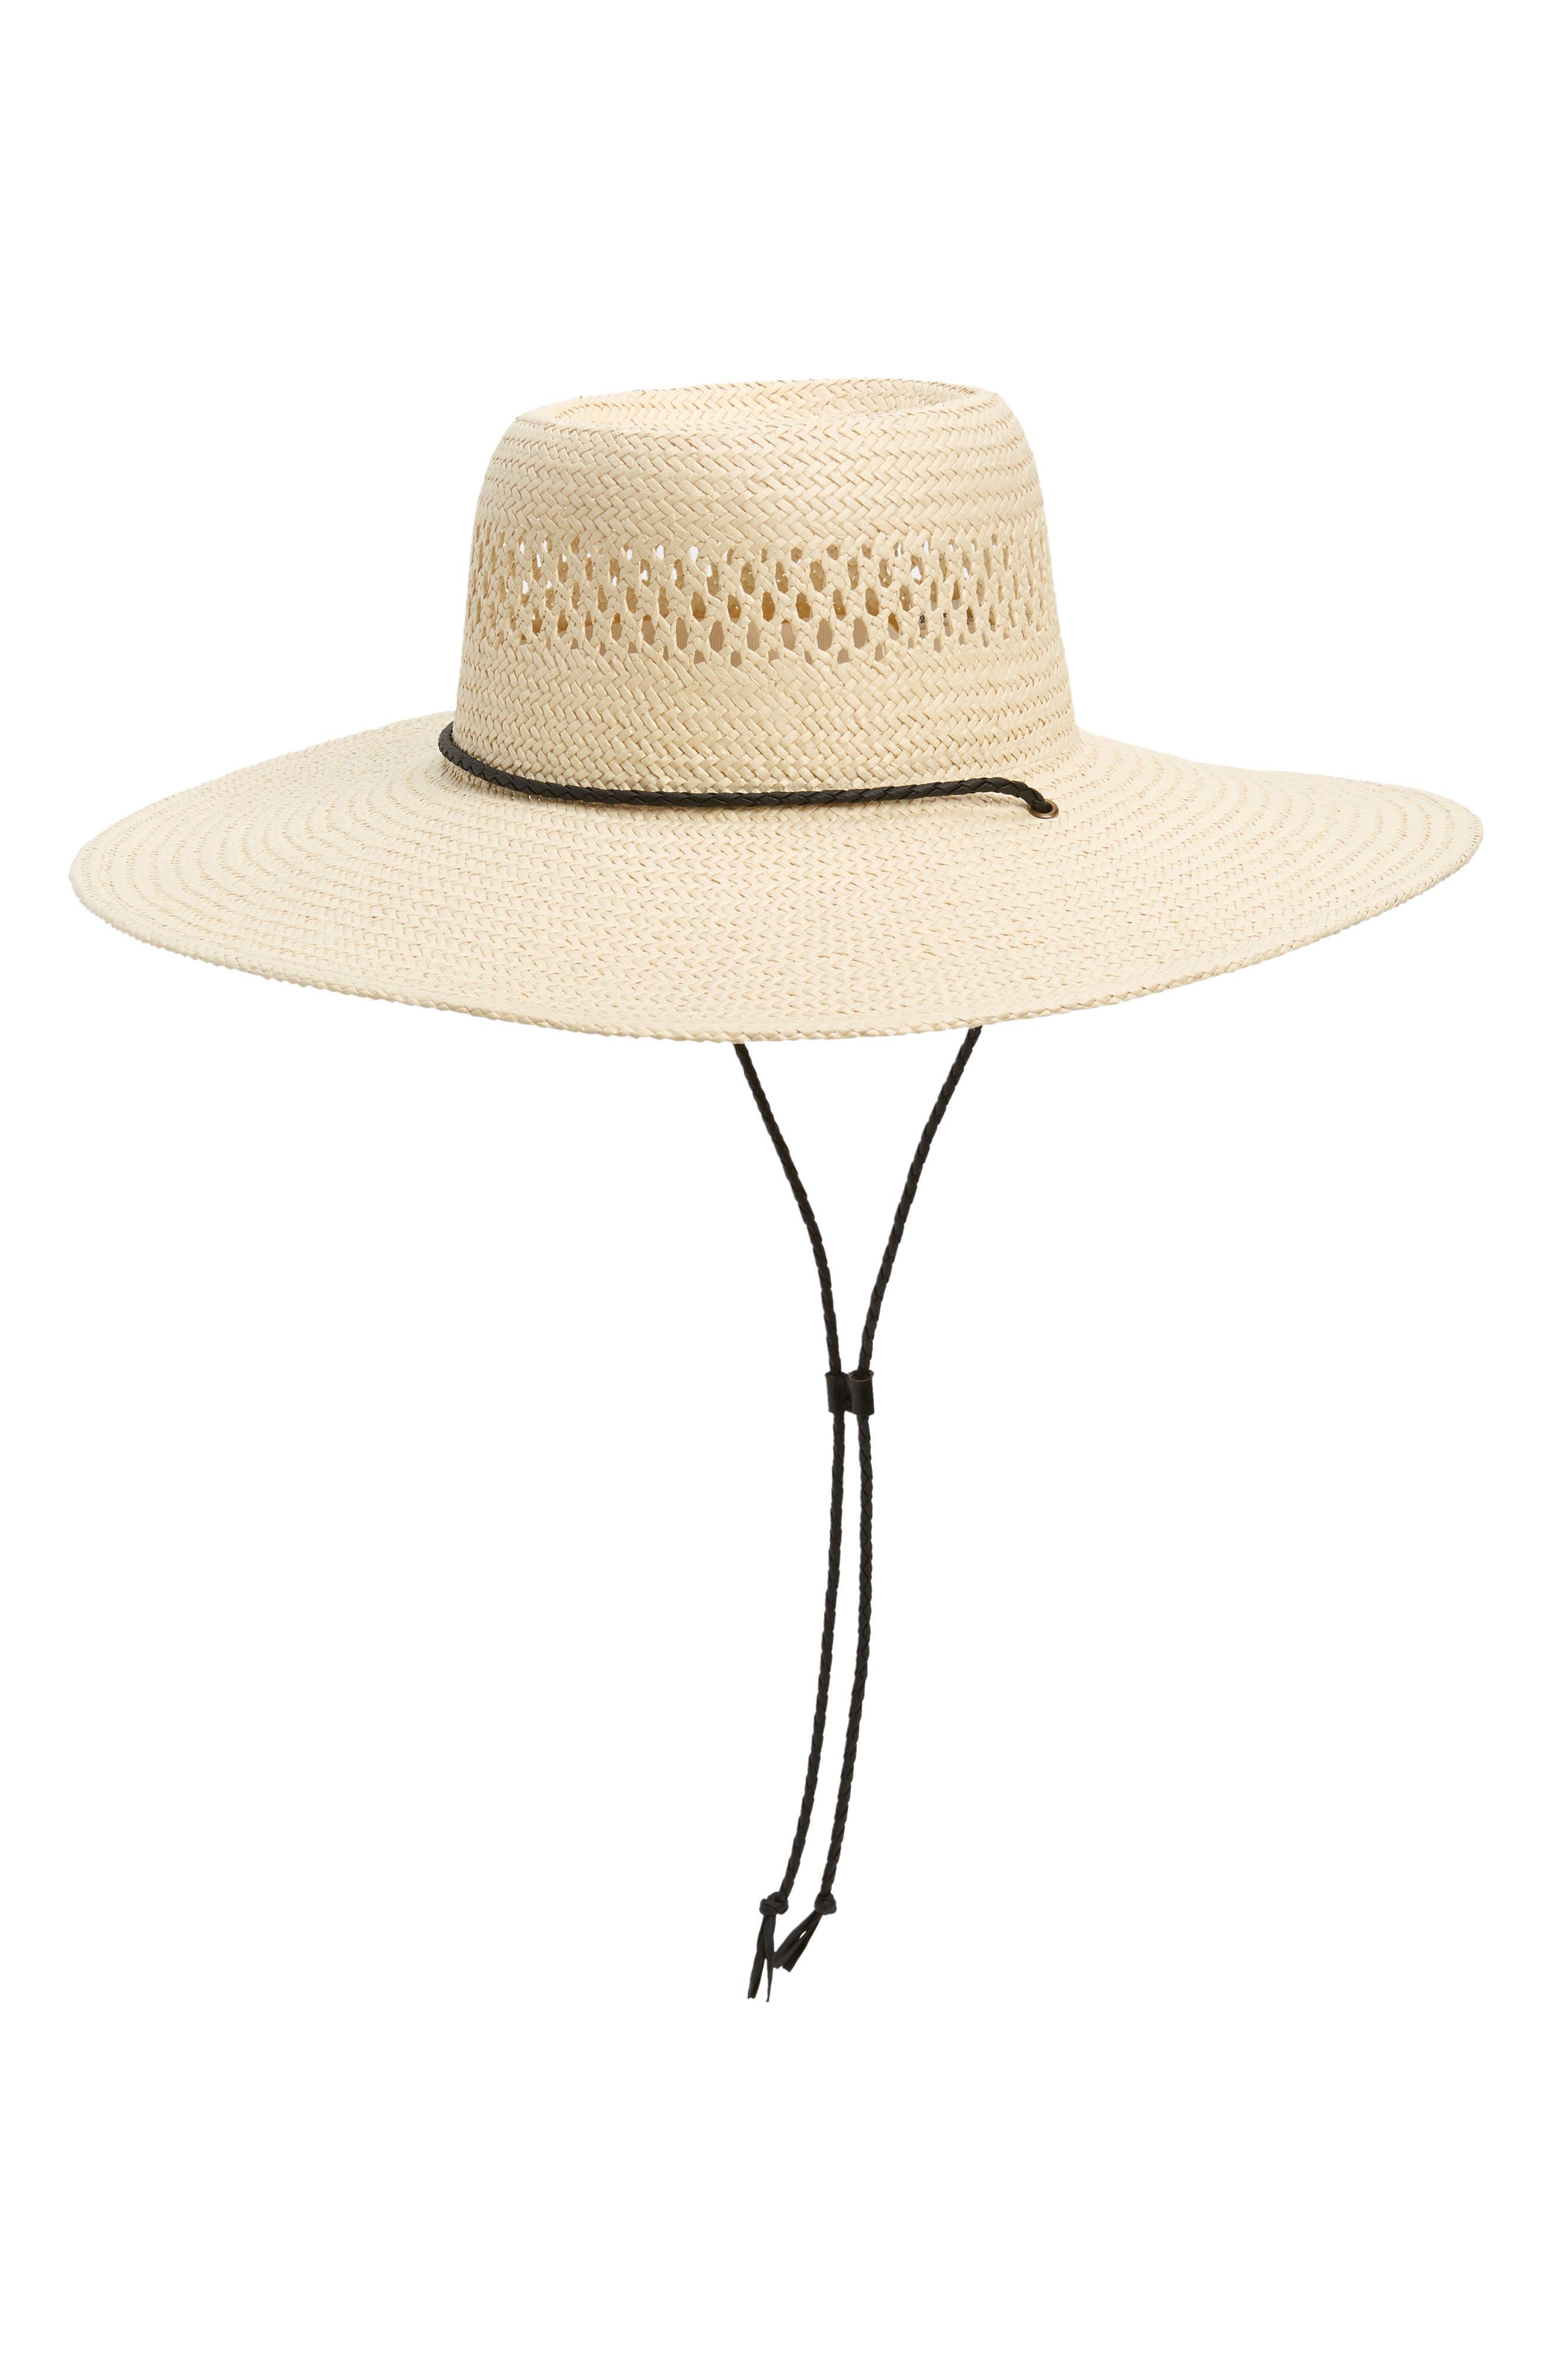 STAMPEDE STRAW HAT